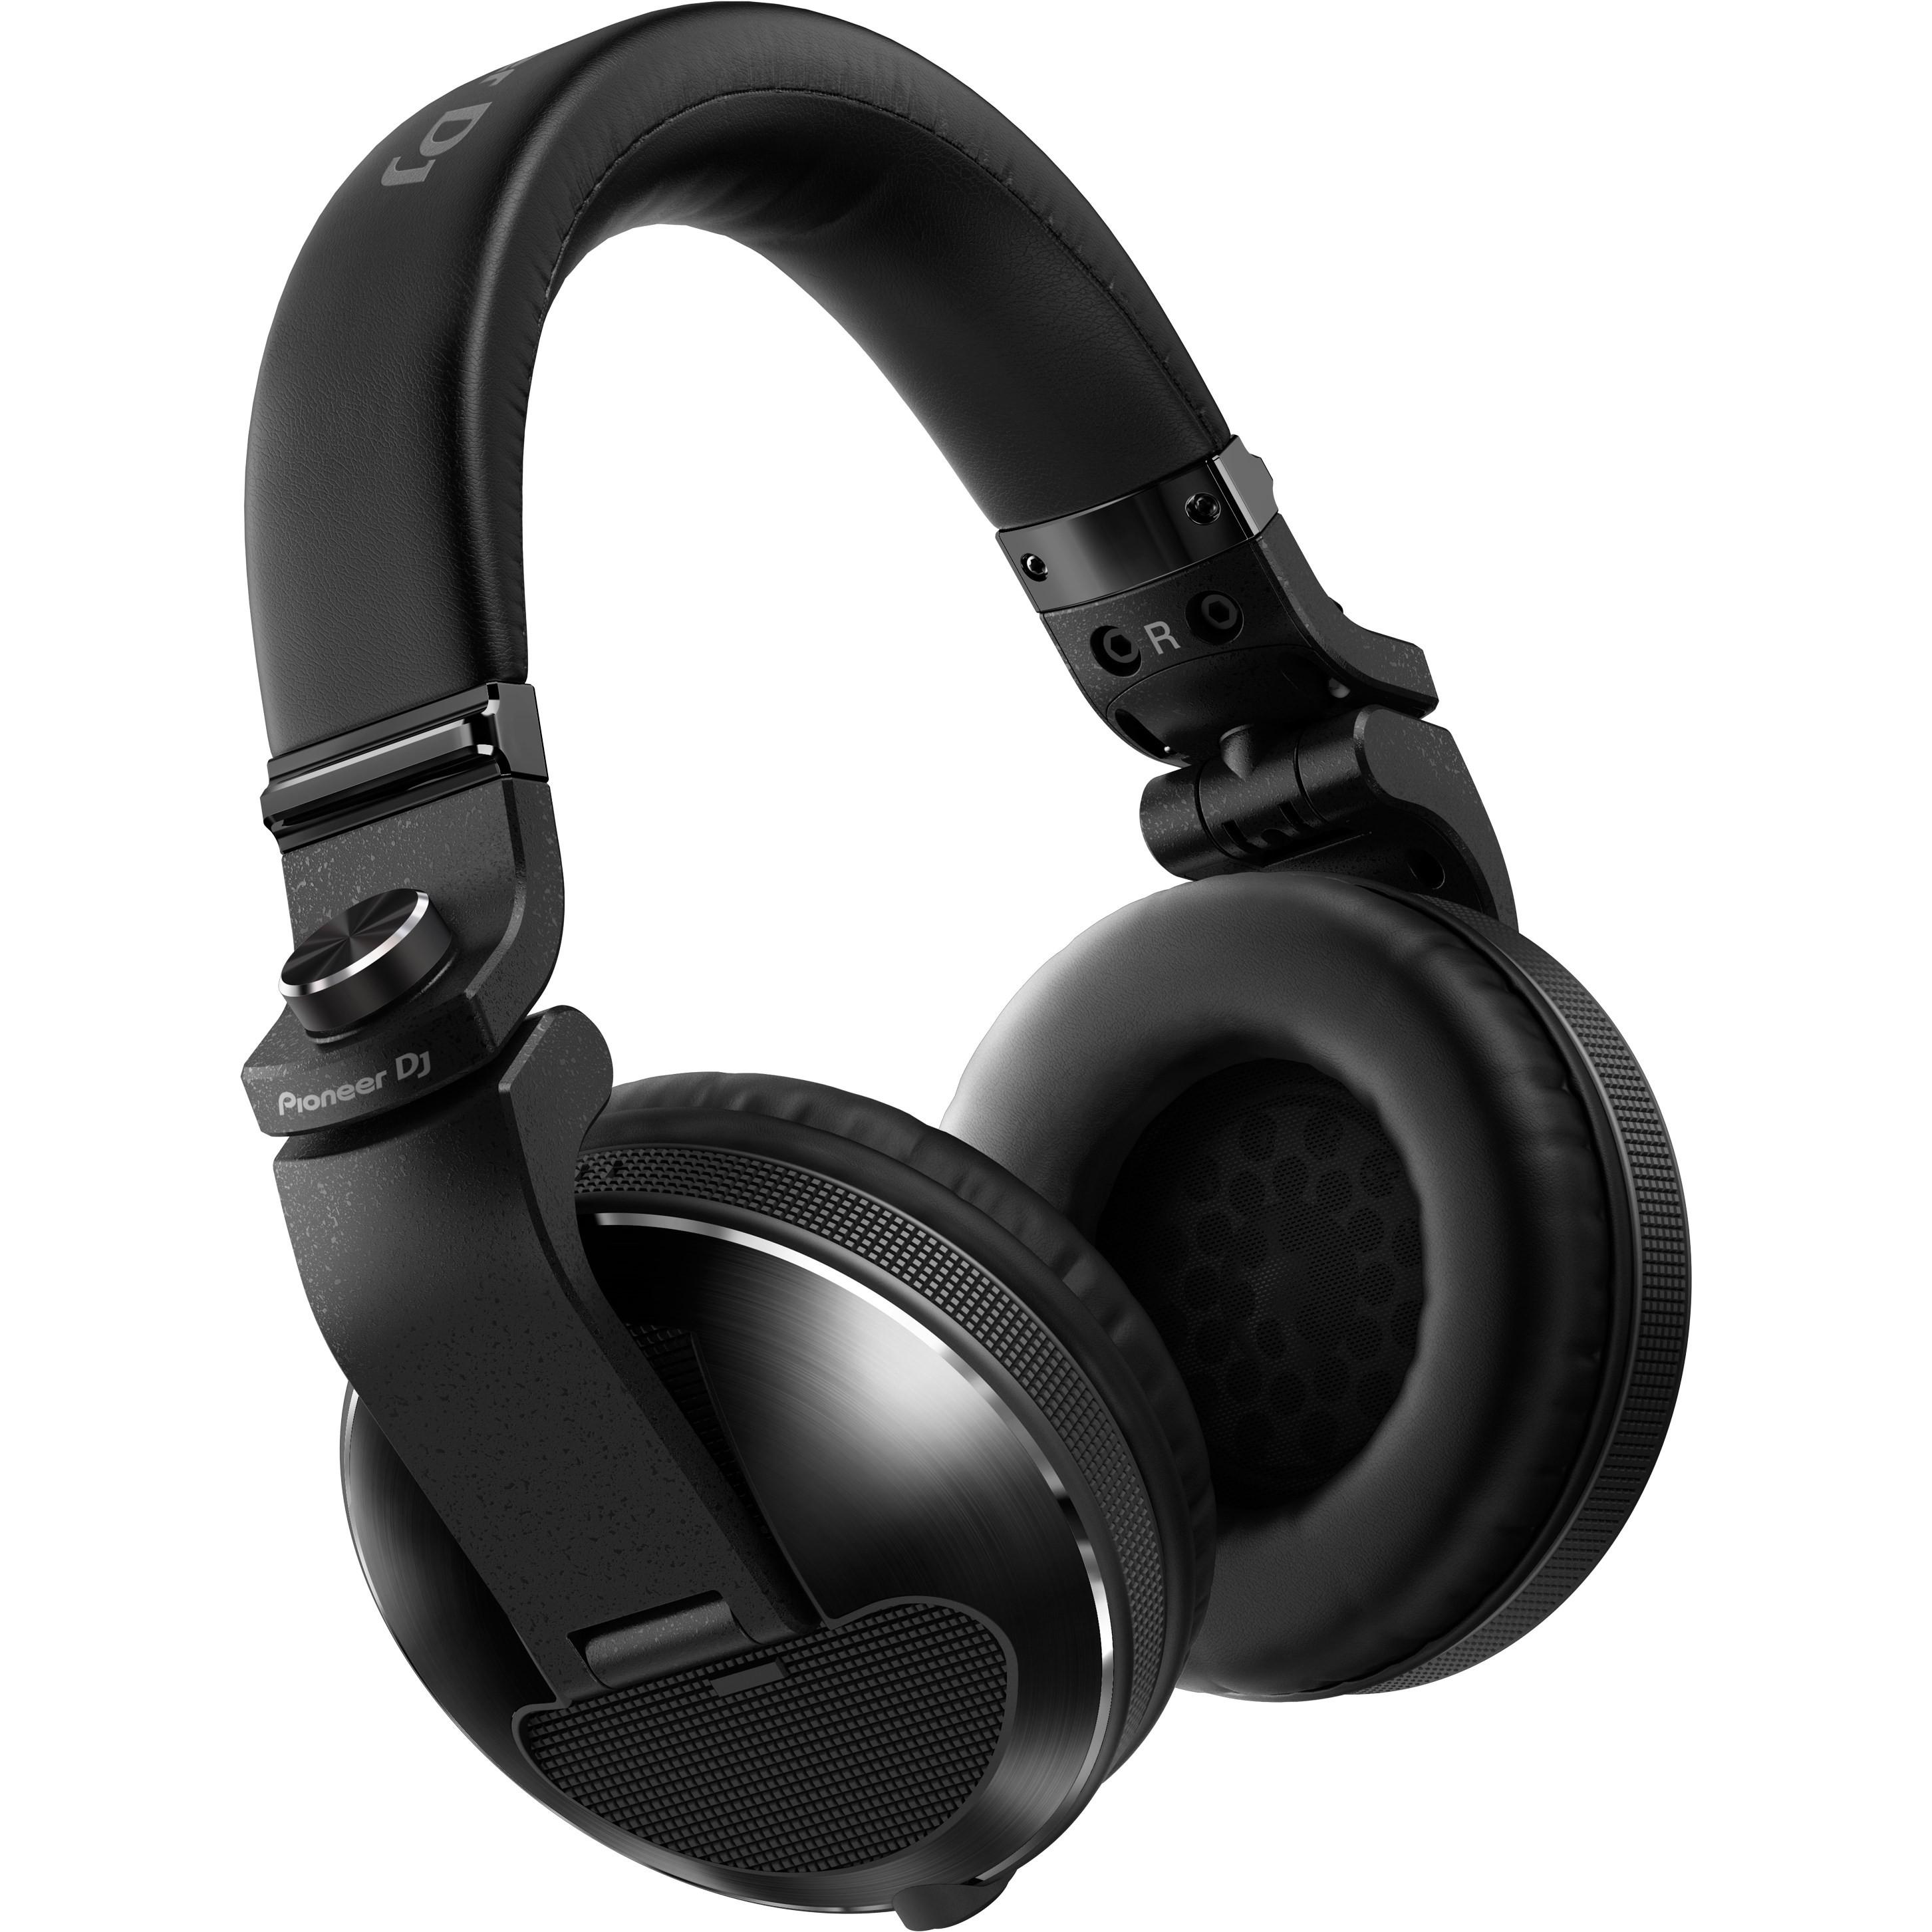 Tai nghe (Headphones DJ) Chuyên Nghiệp HDJ-X10 (Pioneer DJ) - Hàng Chính Hãng